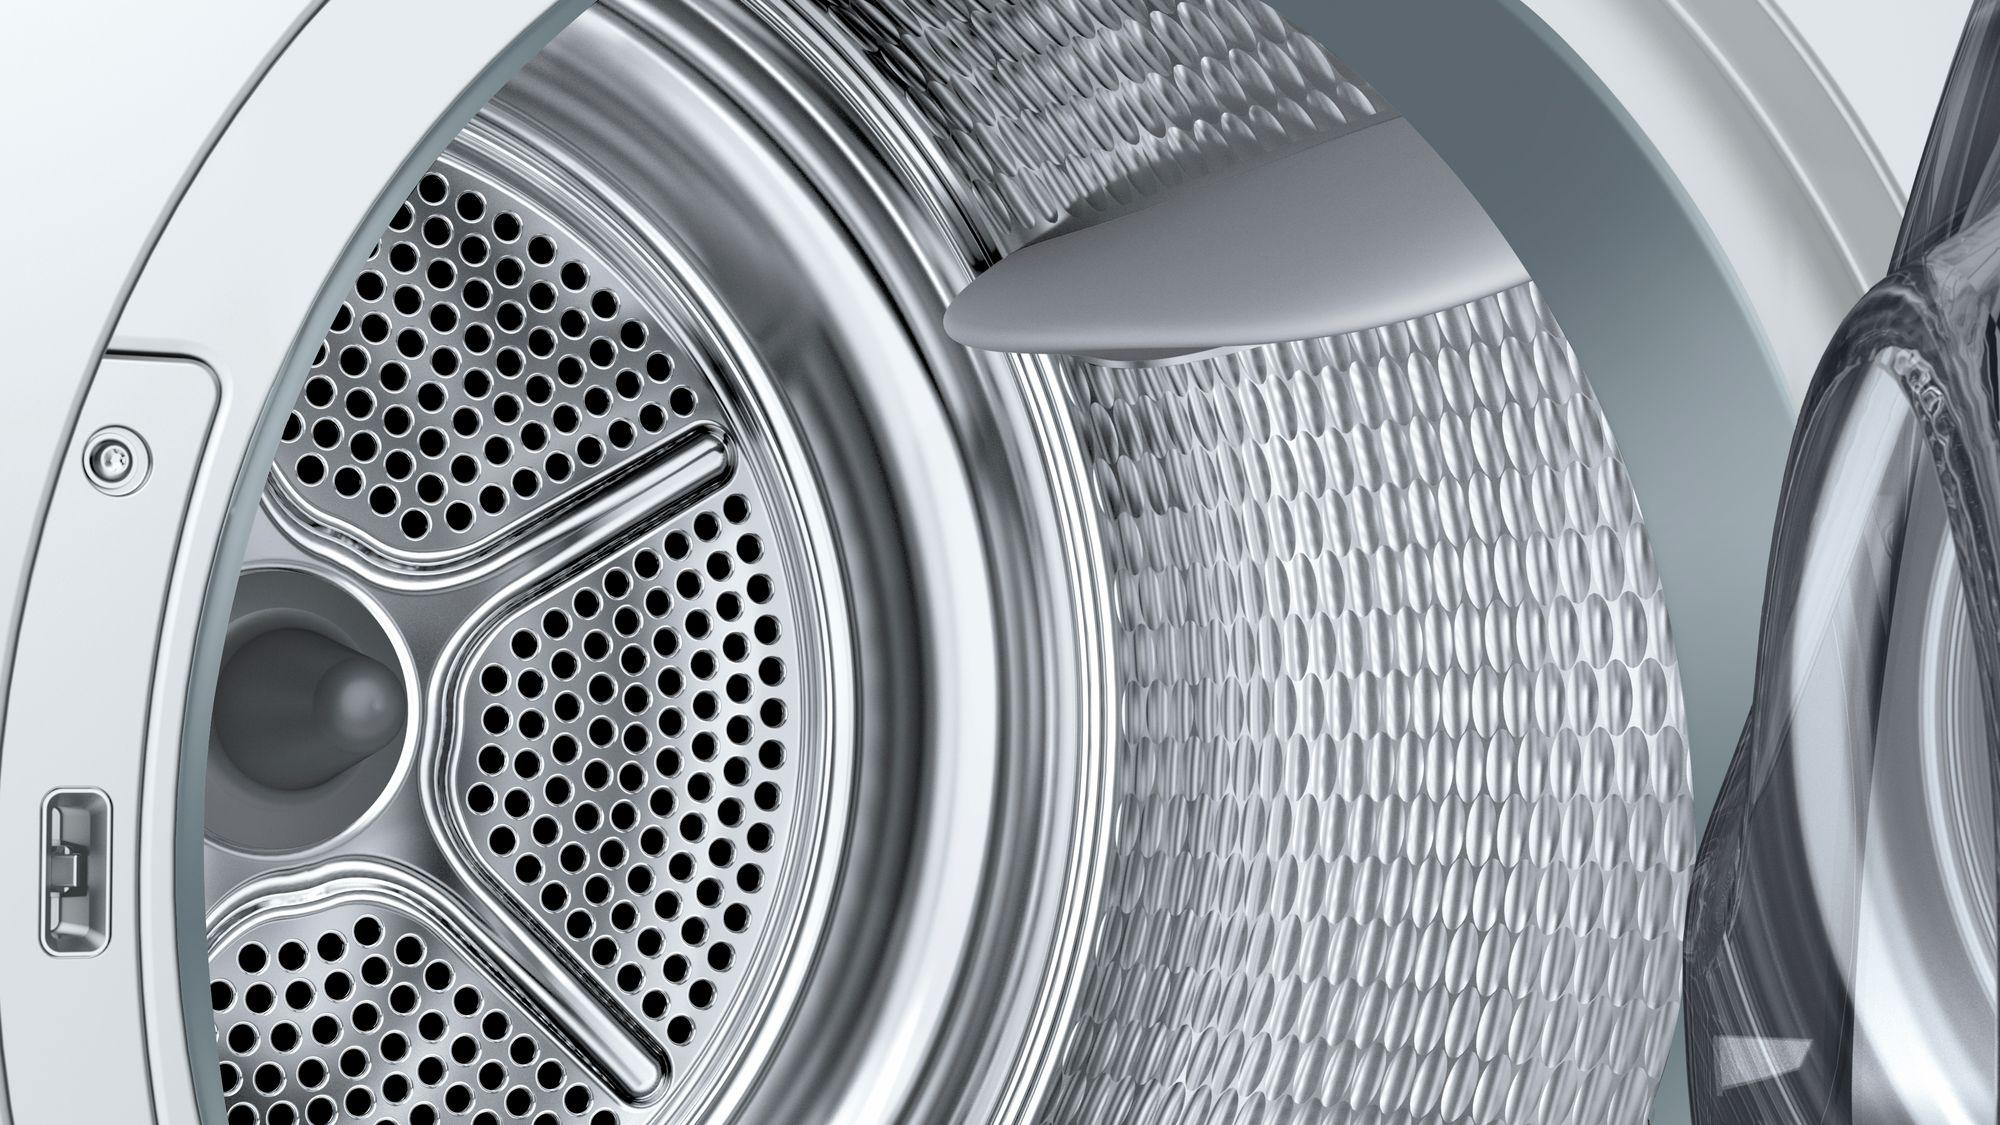 MCSA02004575_Dryer_Stainlesssteel_Drum_White_def.jpg